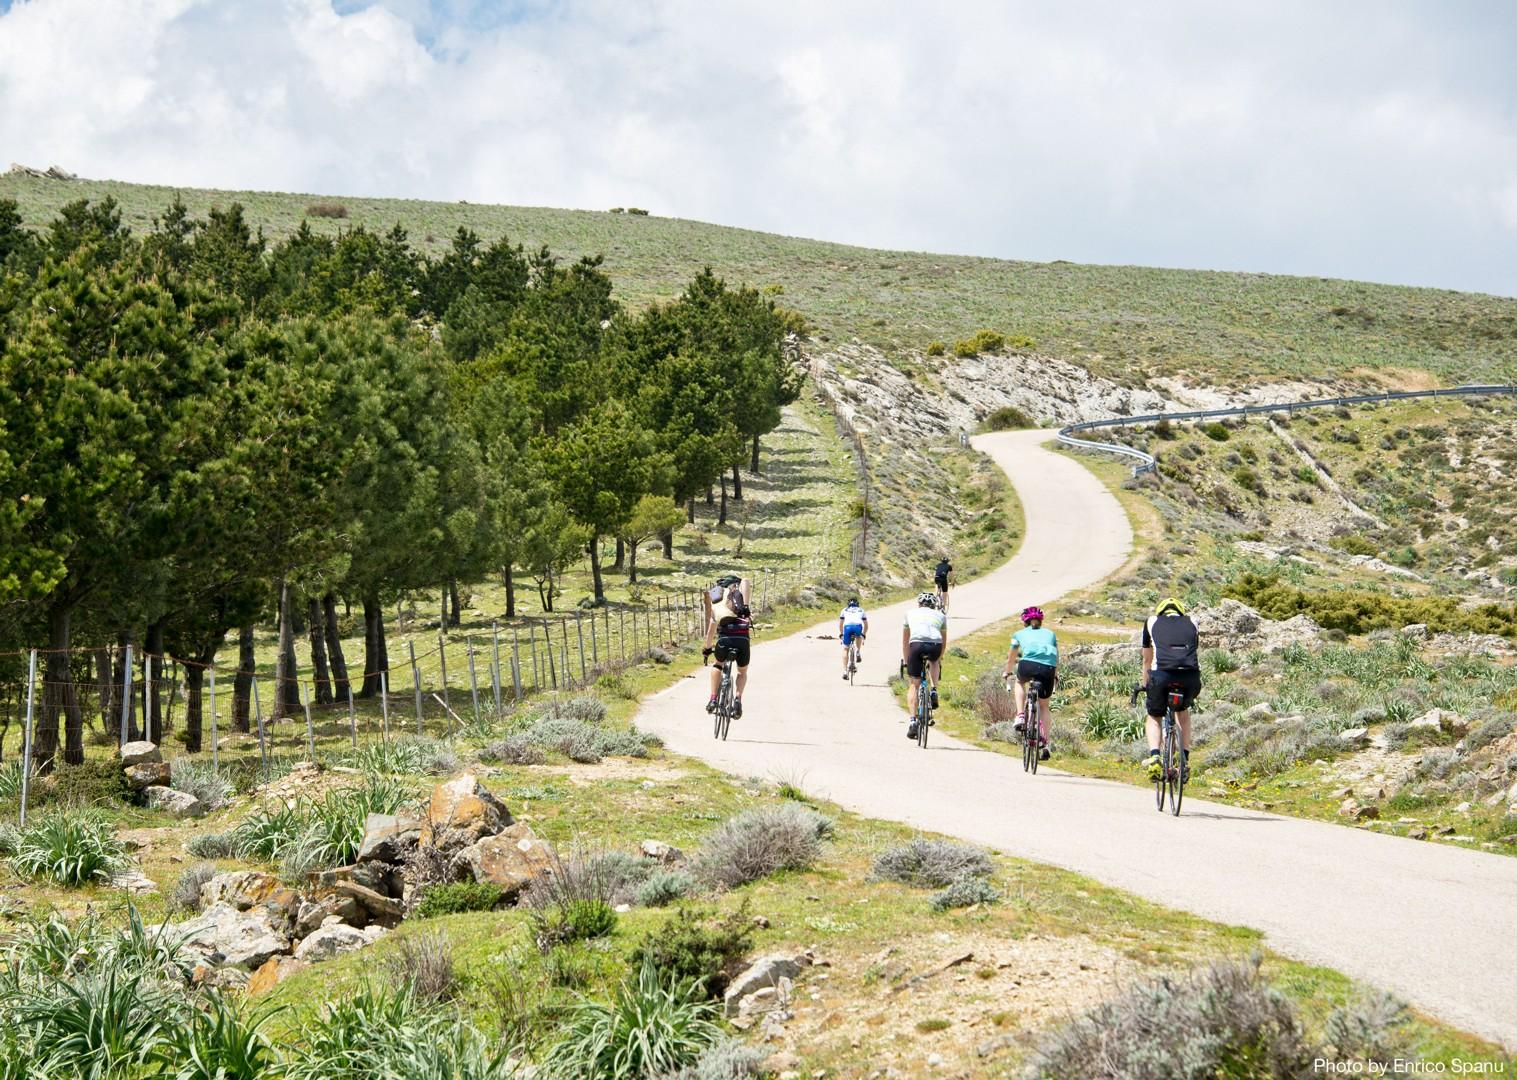 Sardinian-Cycling-Holiday-Road-Sardinian-Mountains-Tacchi-dOgliastra.jpg - Italy - Sardinia - Sardinian Mountains - Guided Road Cycling Holiday - Road Cycling